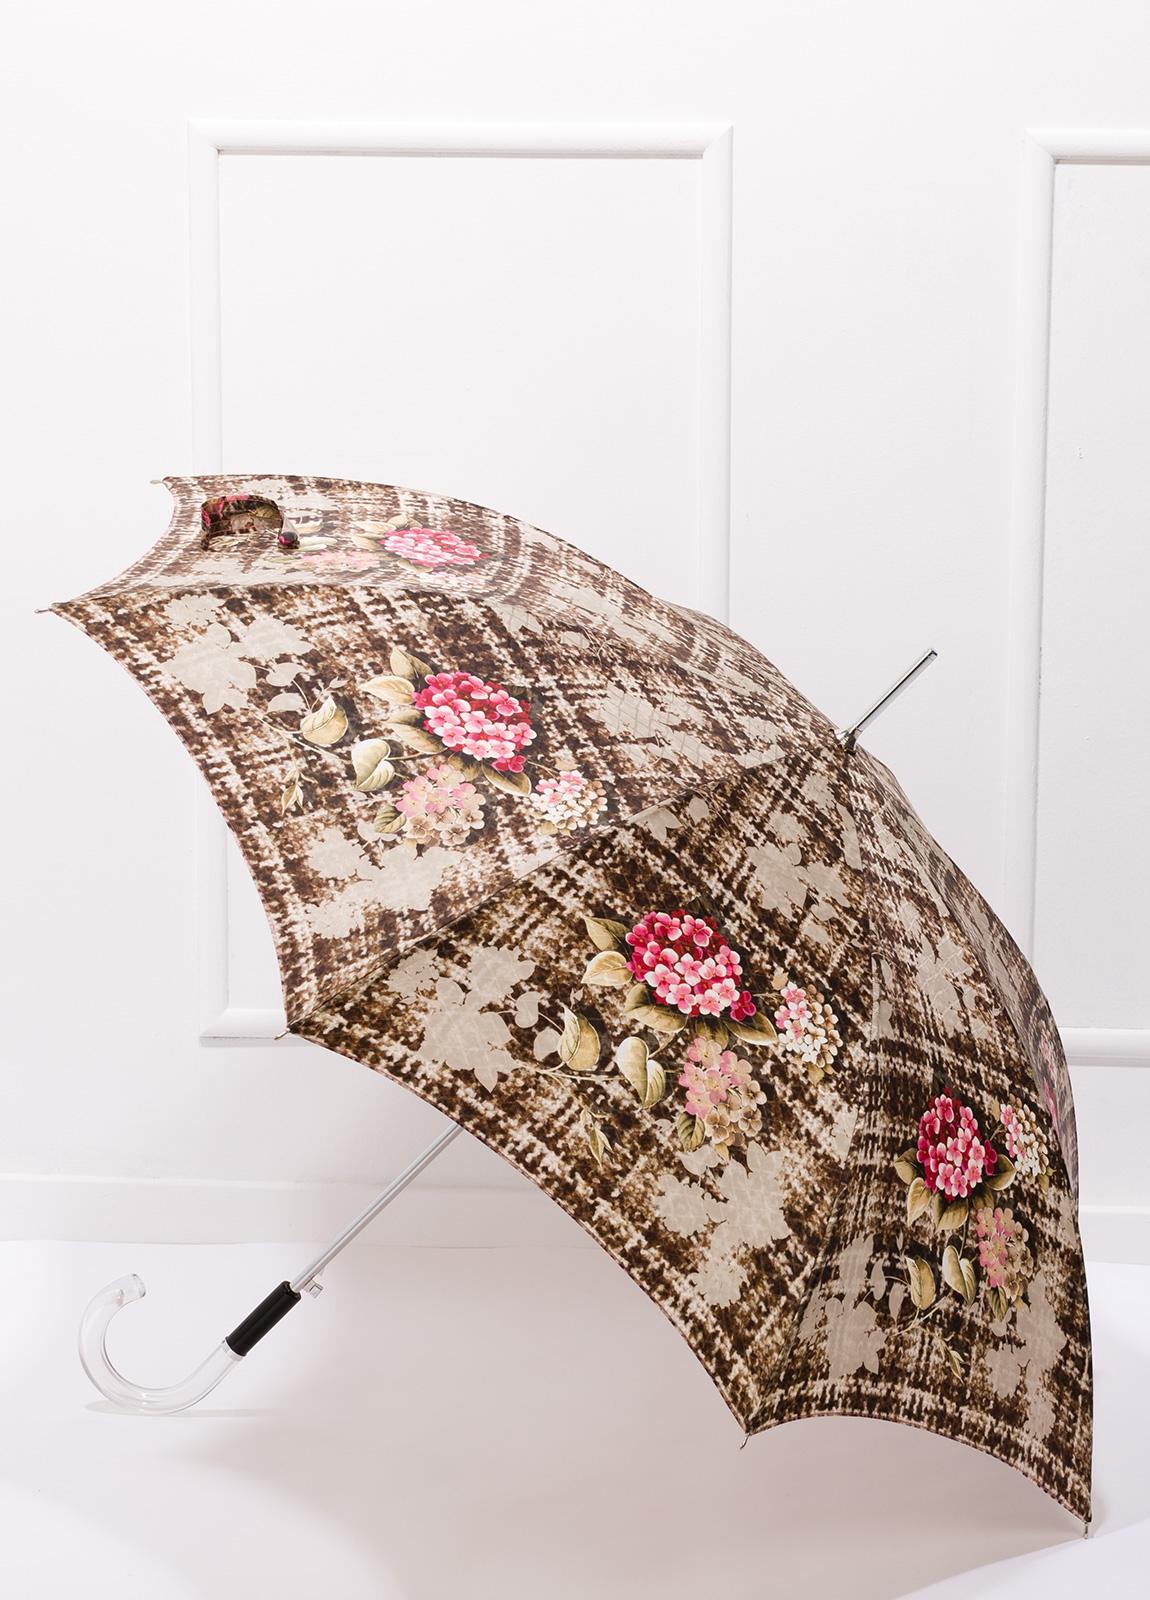 Paraguas con estampado floral color beige y puño transparente.